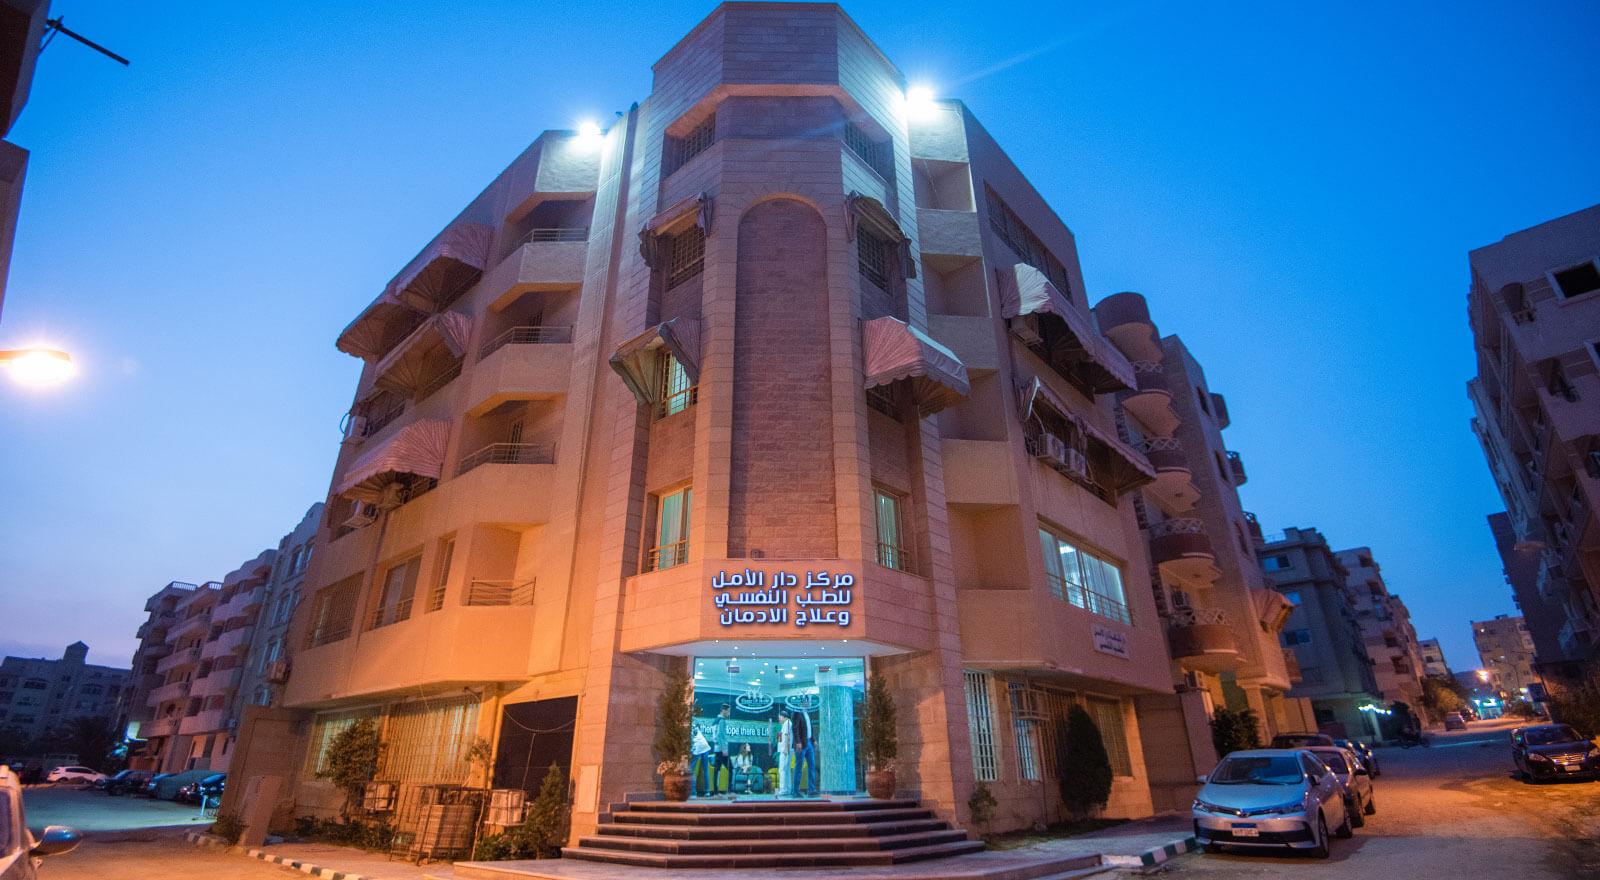 مركز دار الأمل للطب النفسي وعلاج الإدمان